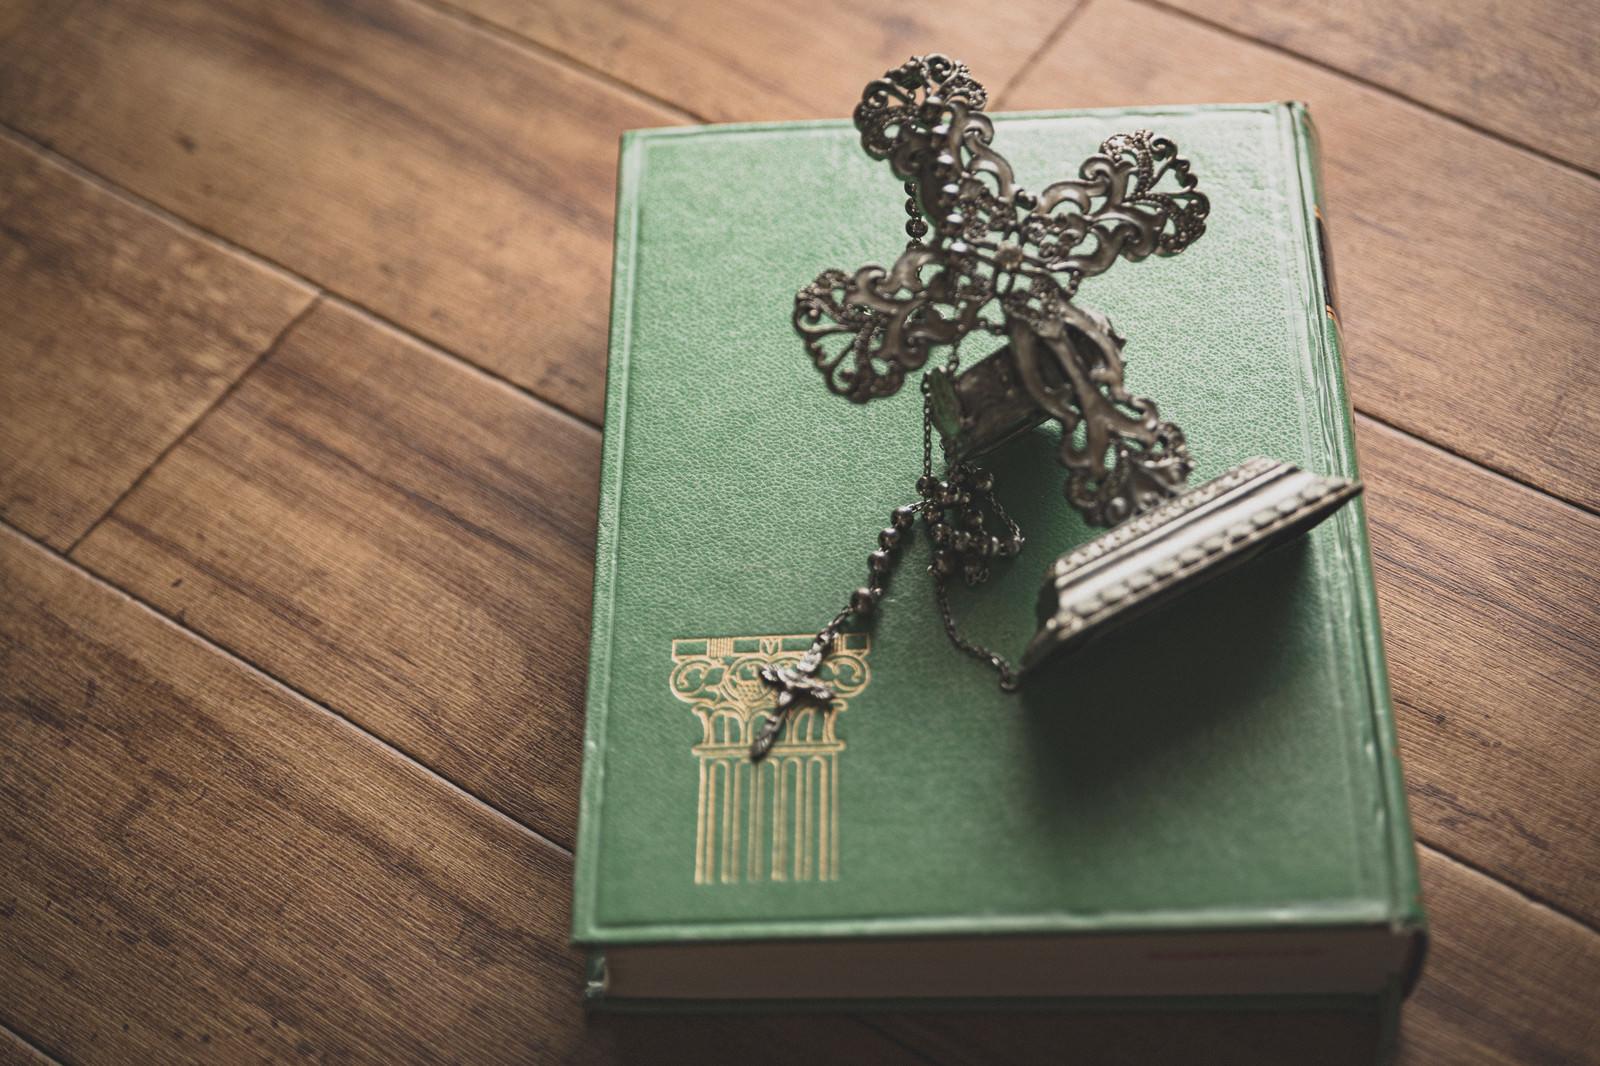 「聖書の上の十字架の燭台とチャーム」の写真